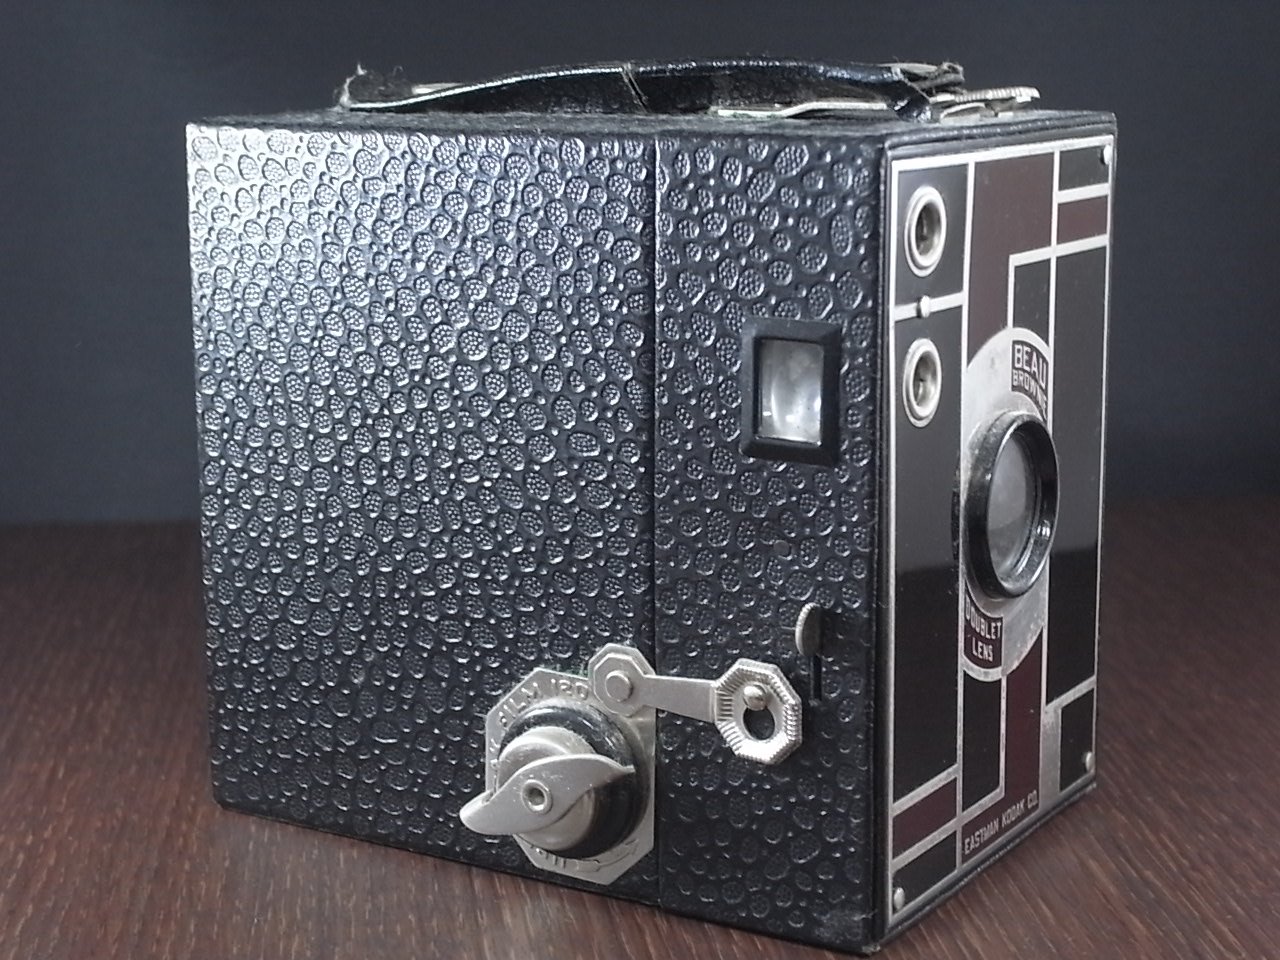 コダック No.2 ブローニー アールデコカメラ ブラックの写真2枚目